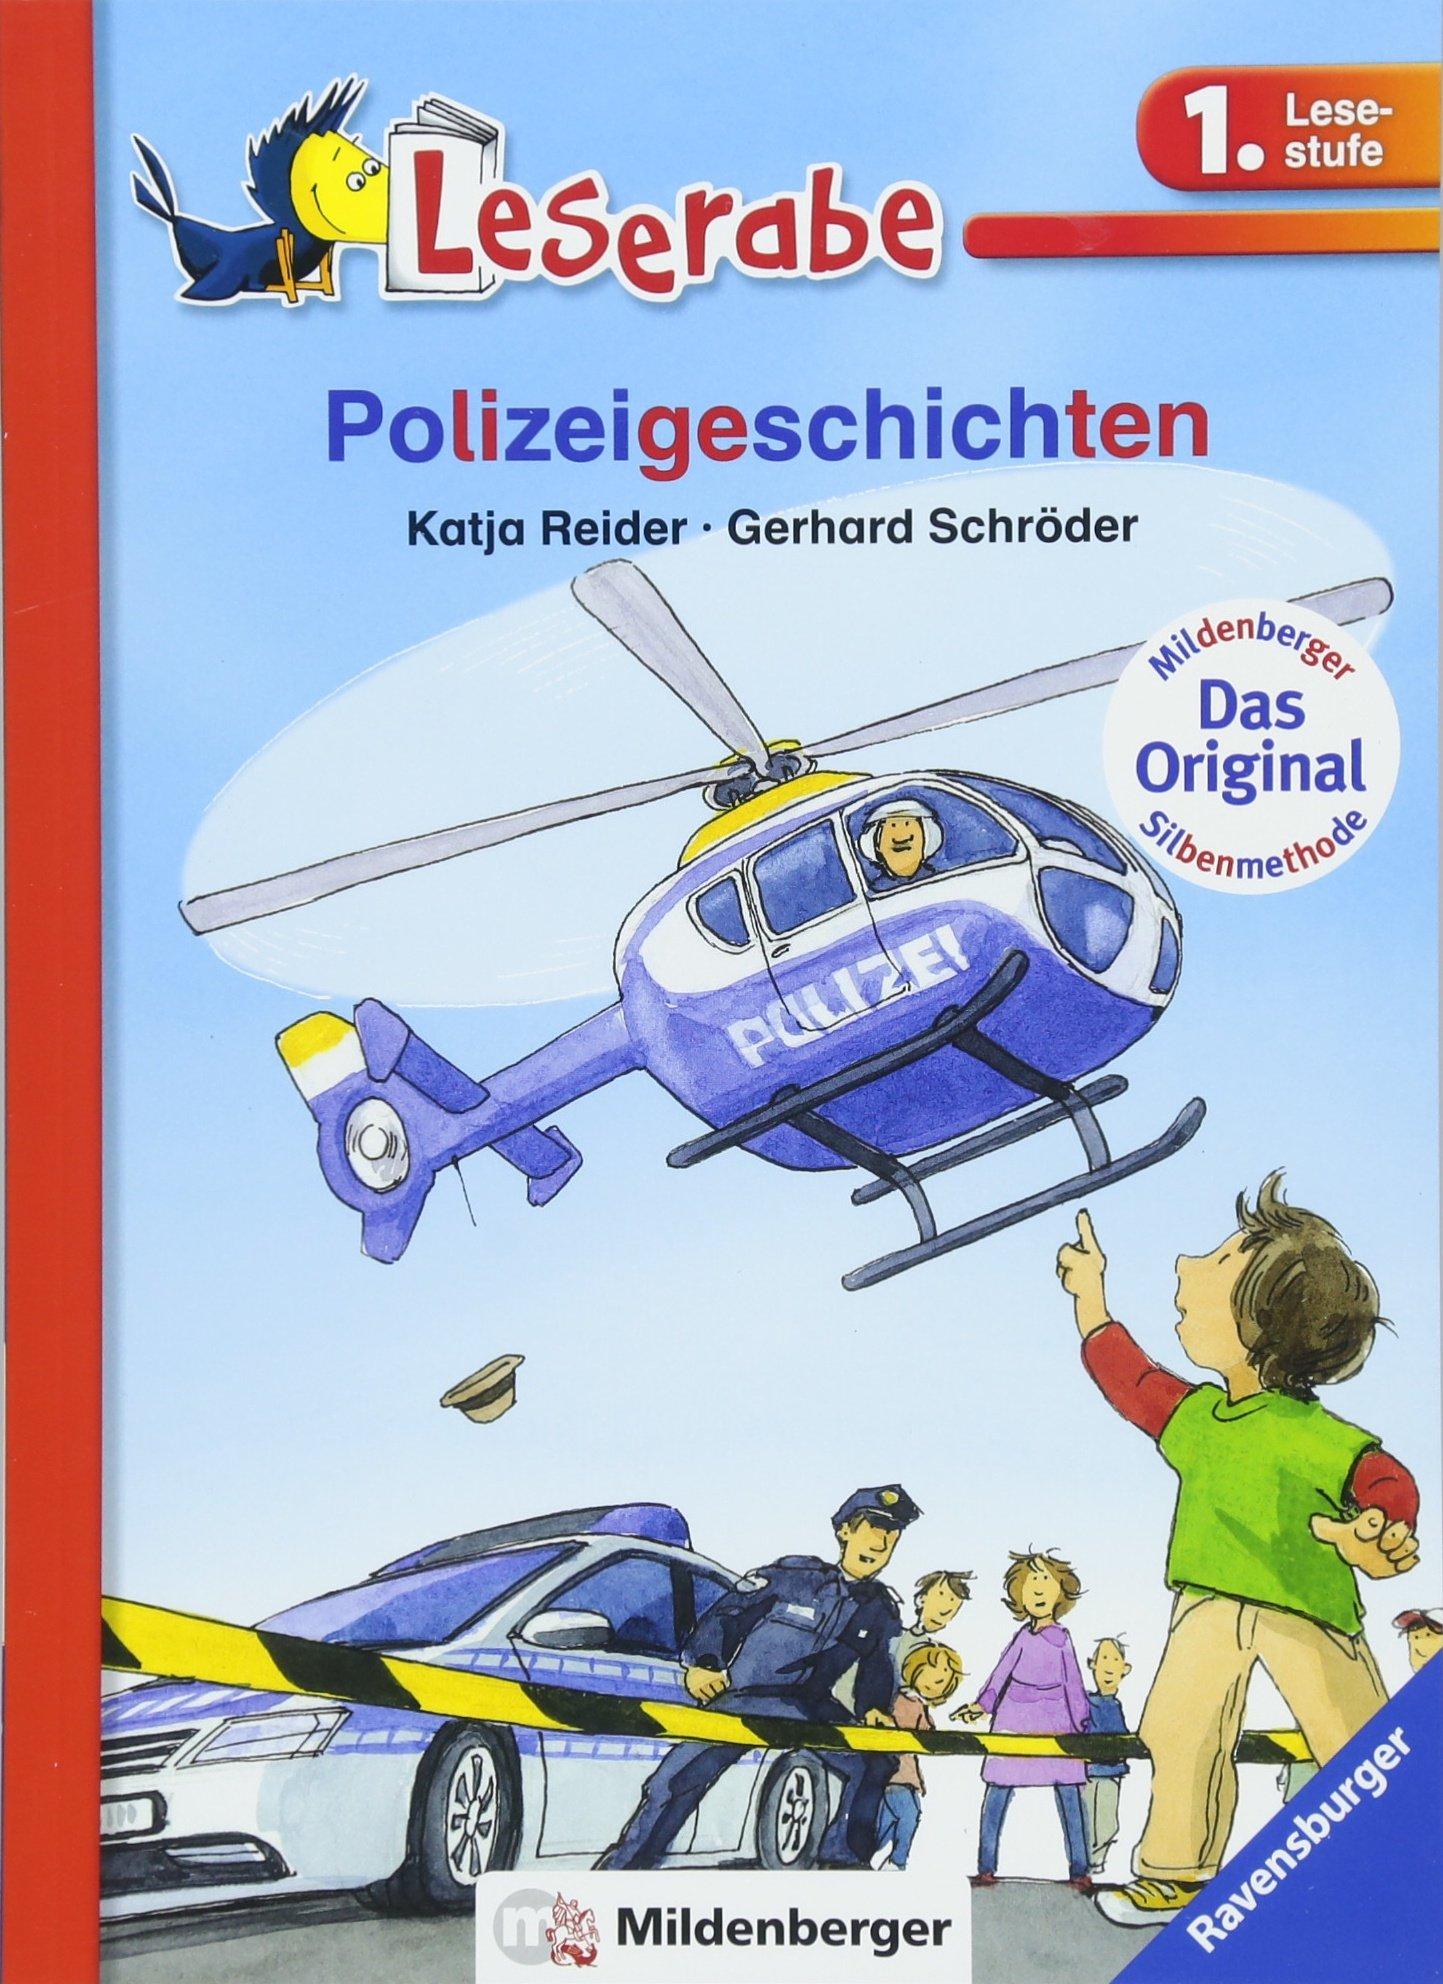 Polizeigeschichten (Leserabe mit Mildenberger Silbenmethode)